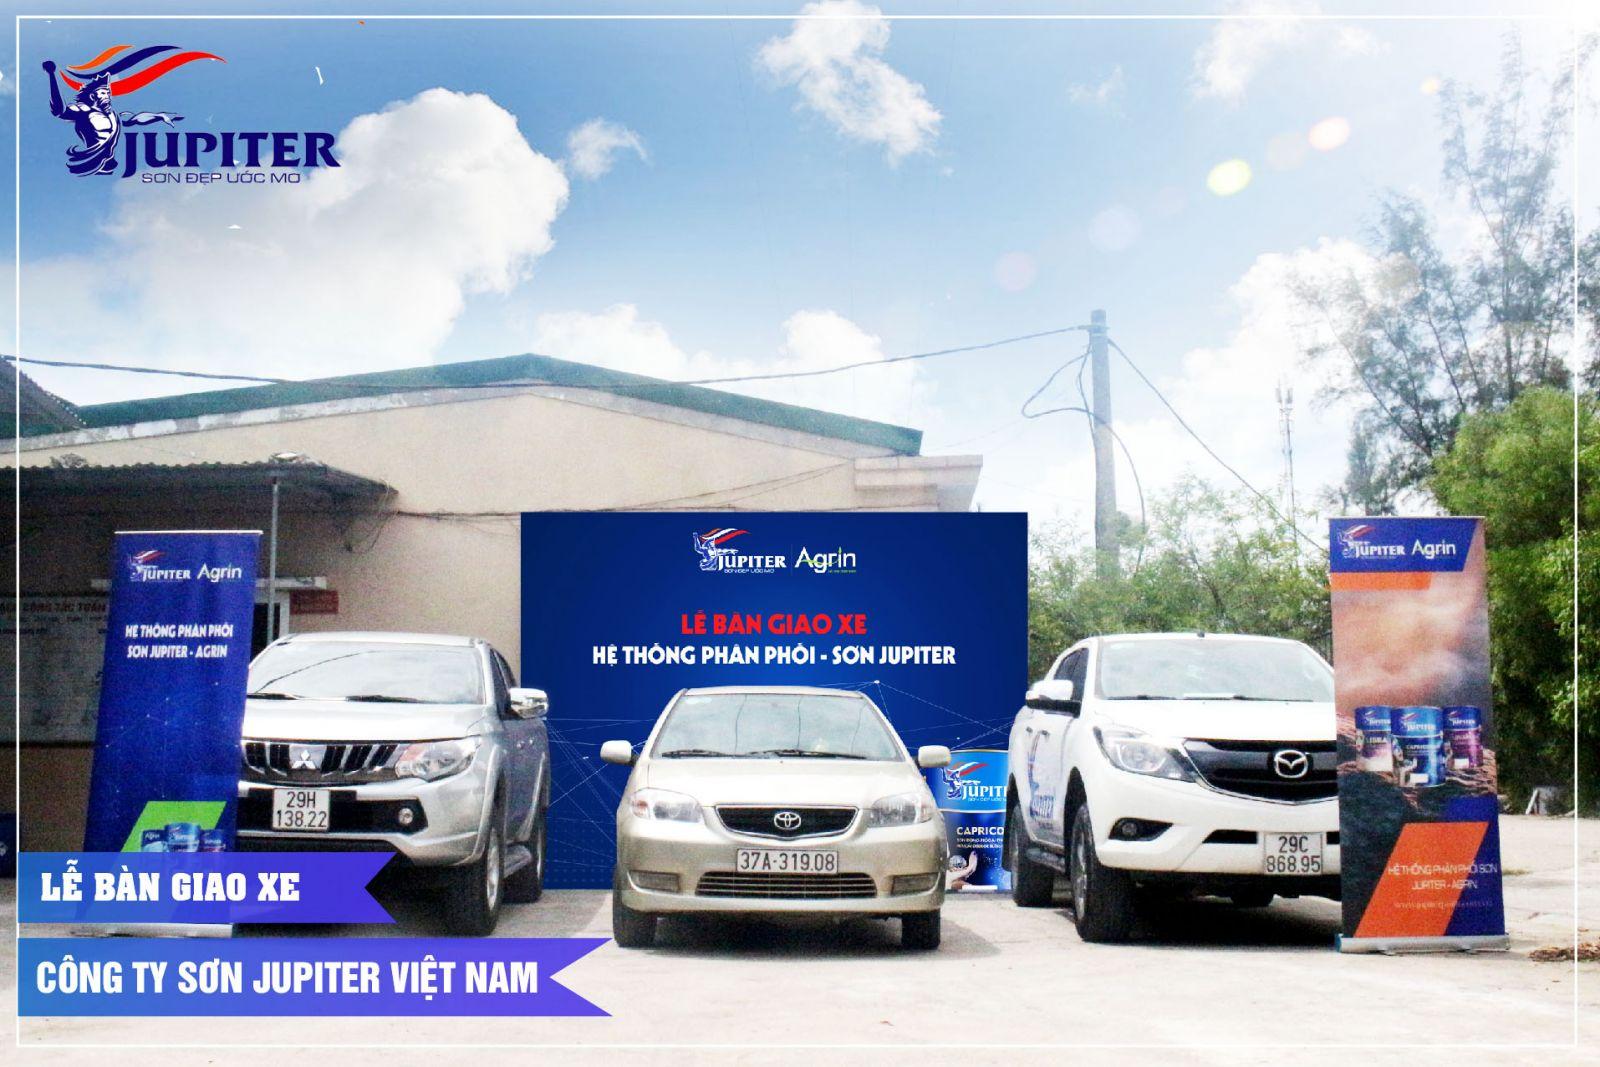 Lễ bàn giao xe cho nhân viên xuất sắc - Cái nhìn về một thương hiệu mạnh